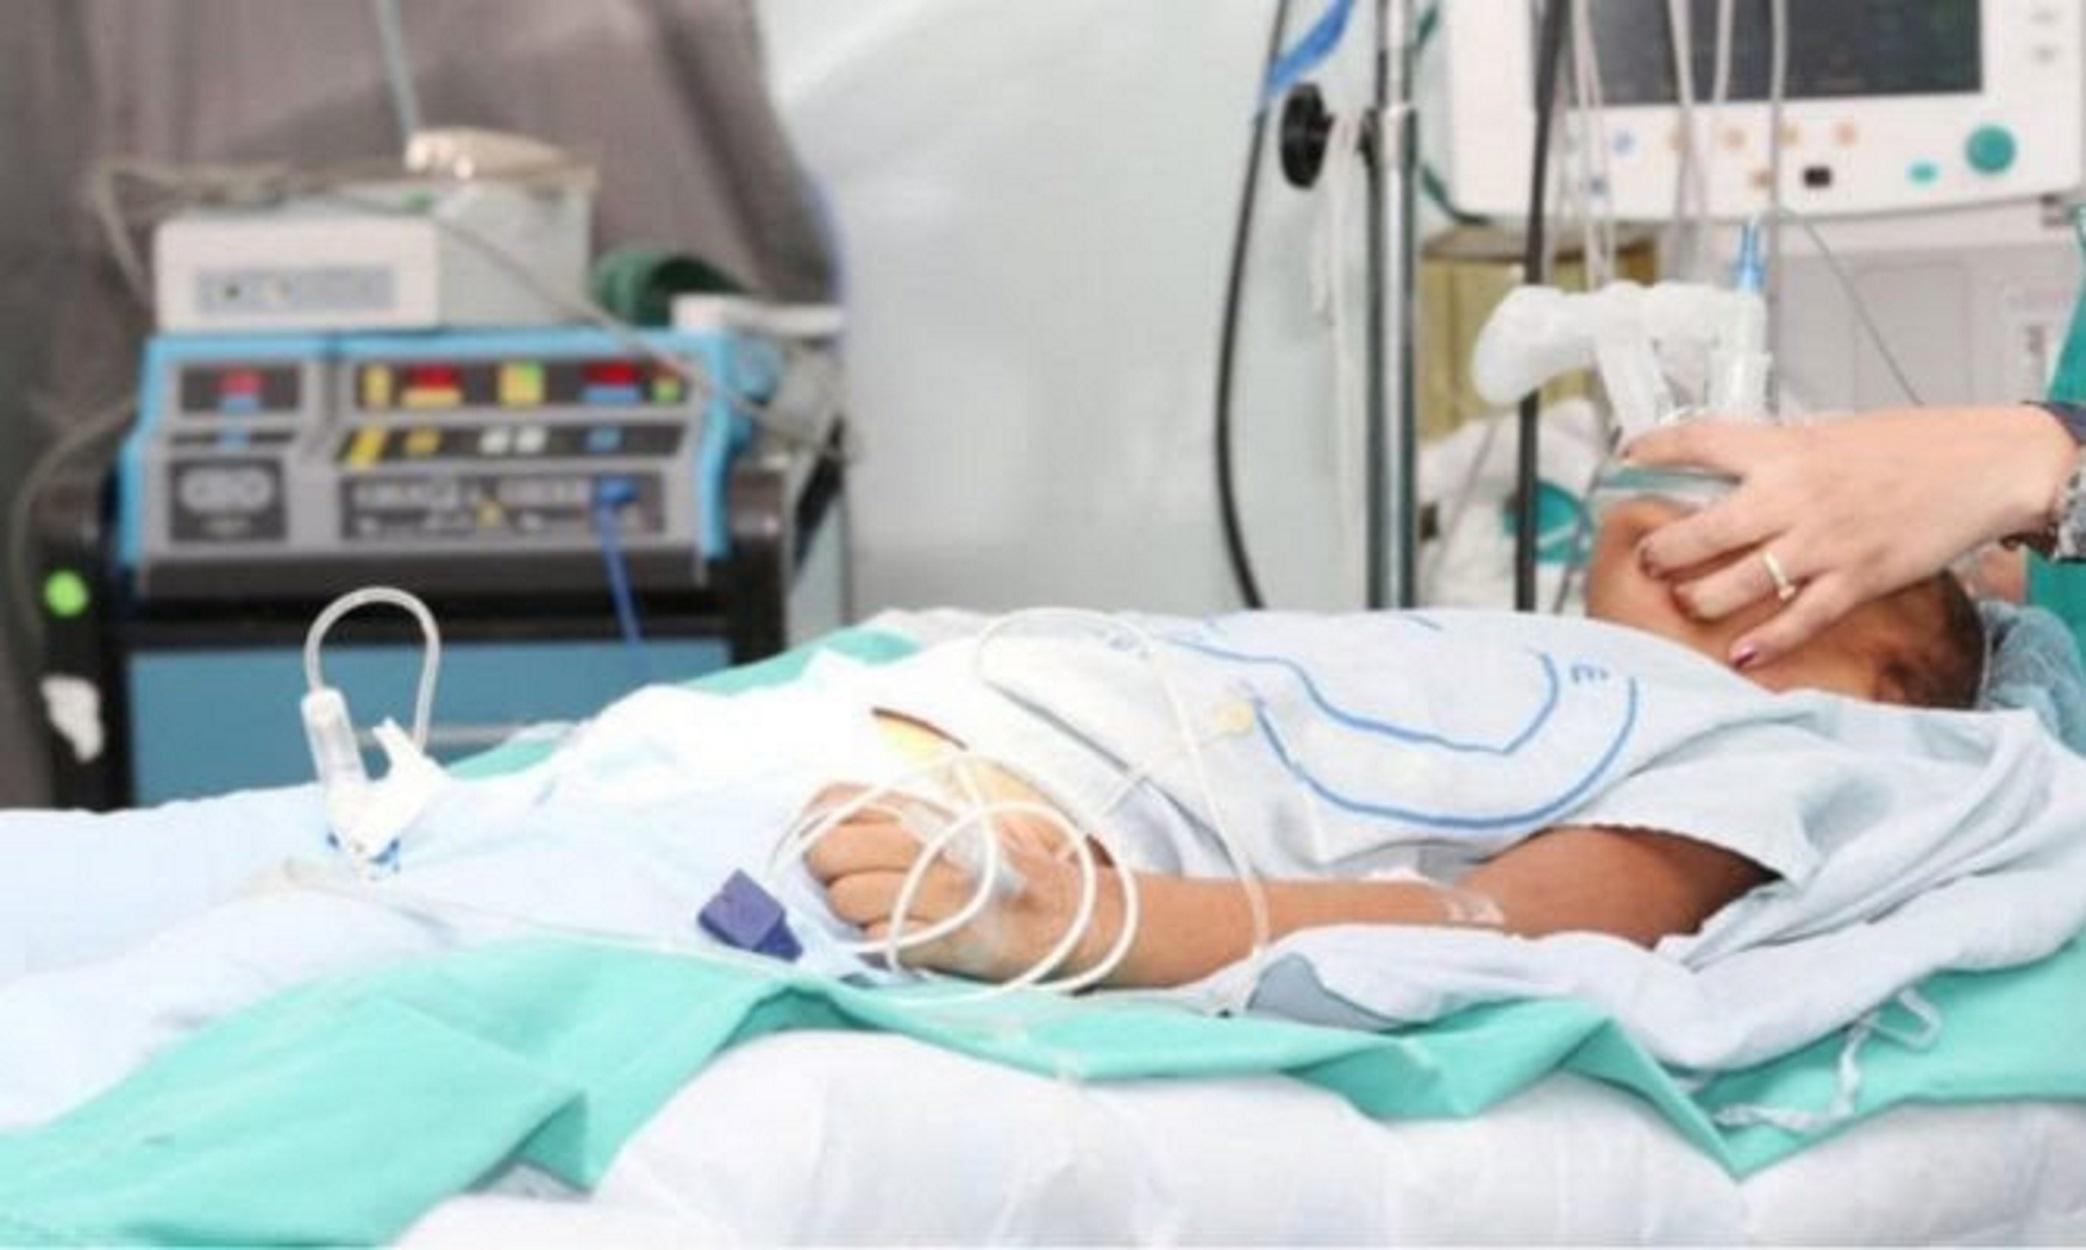 Αεροδιακομιδή στο Ηράκλειο για 47χρονο με γρίπη